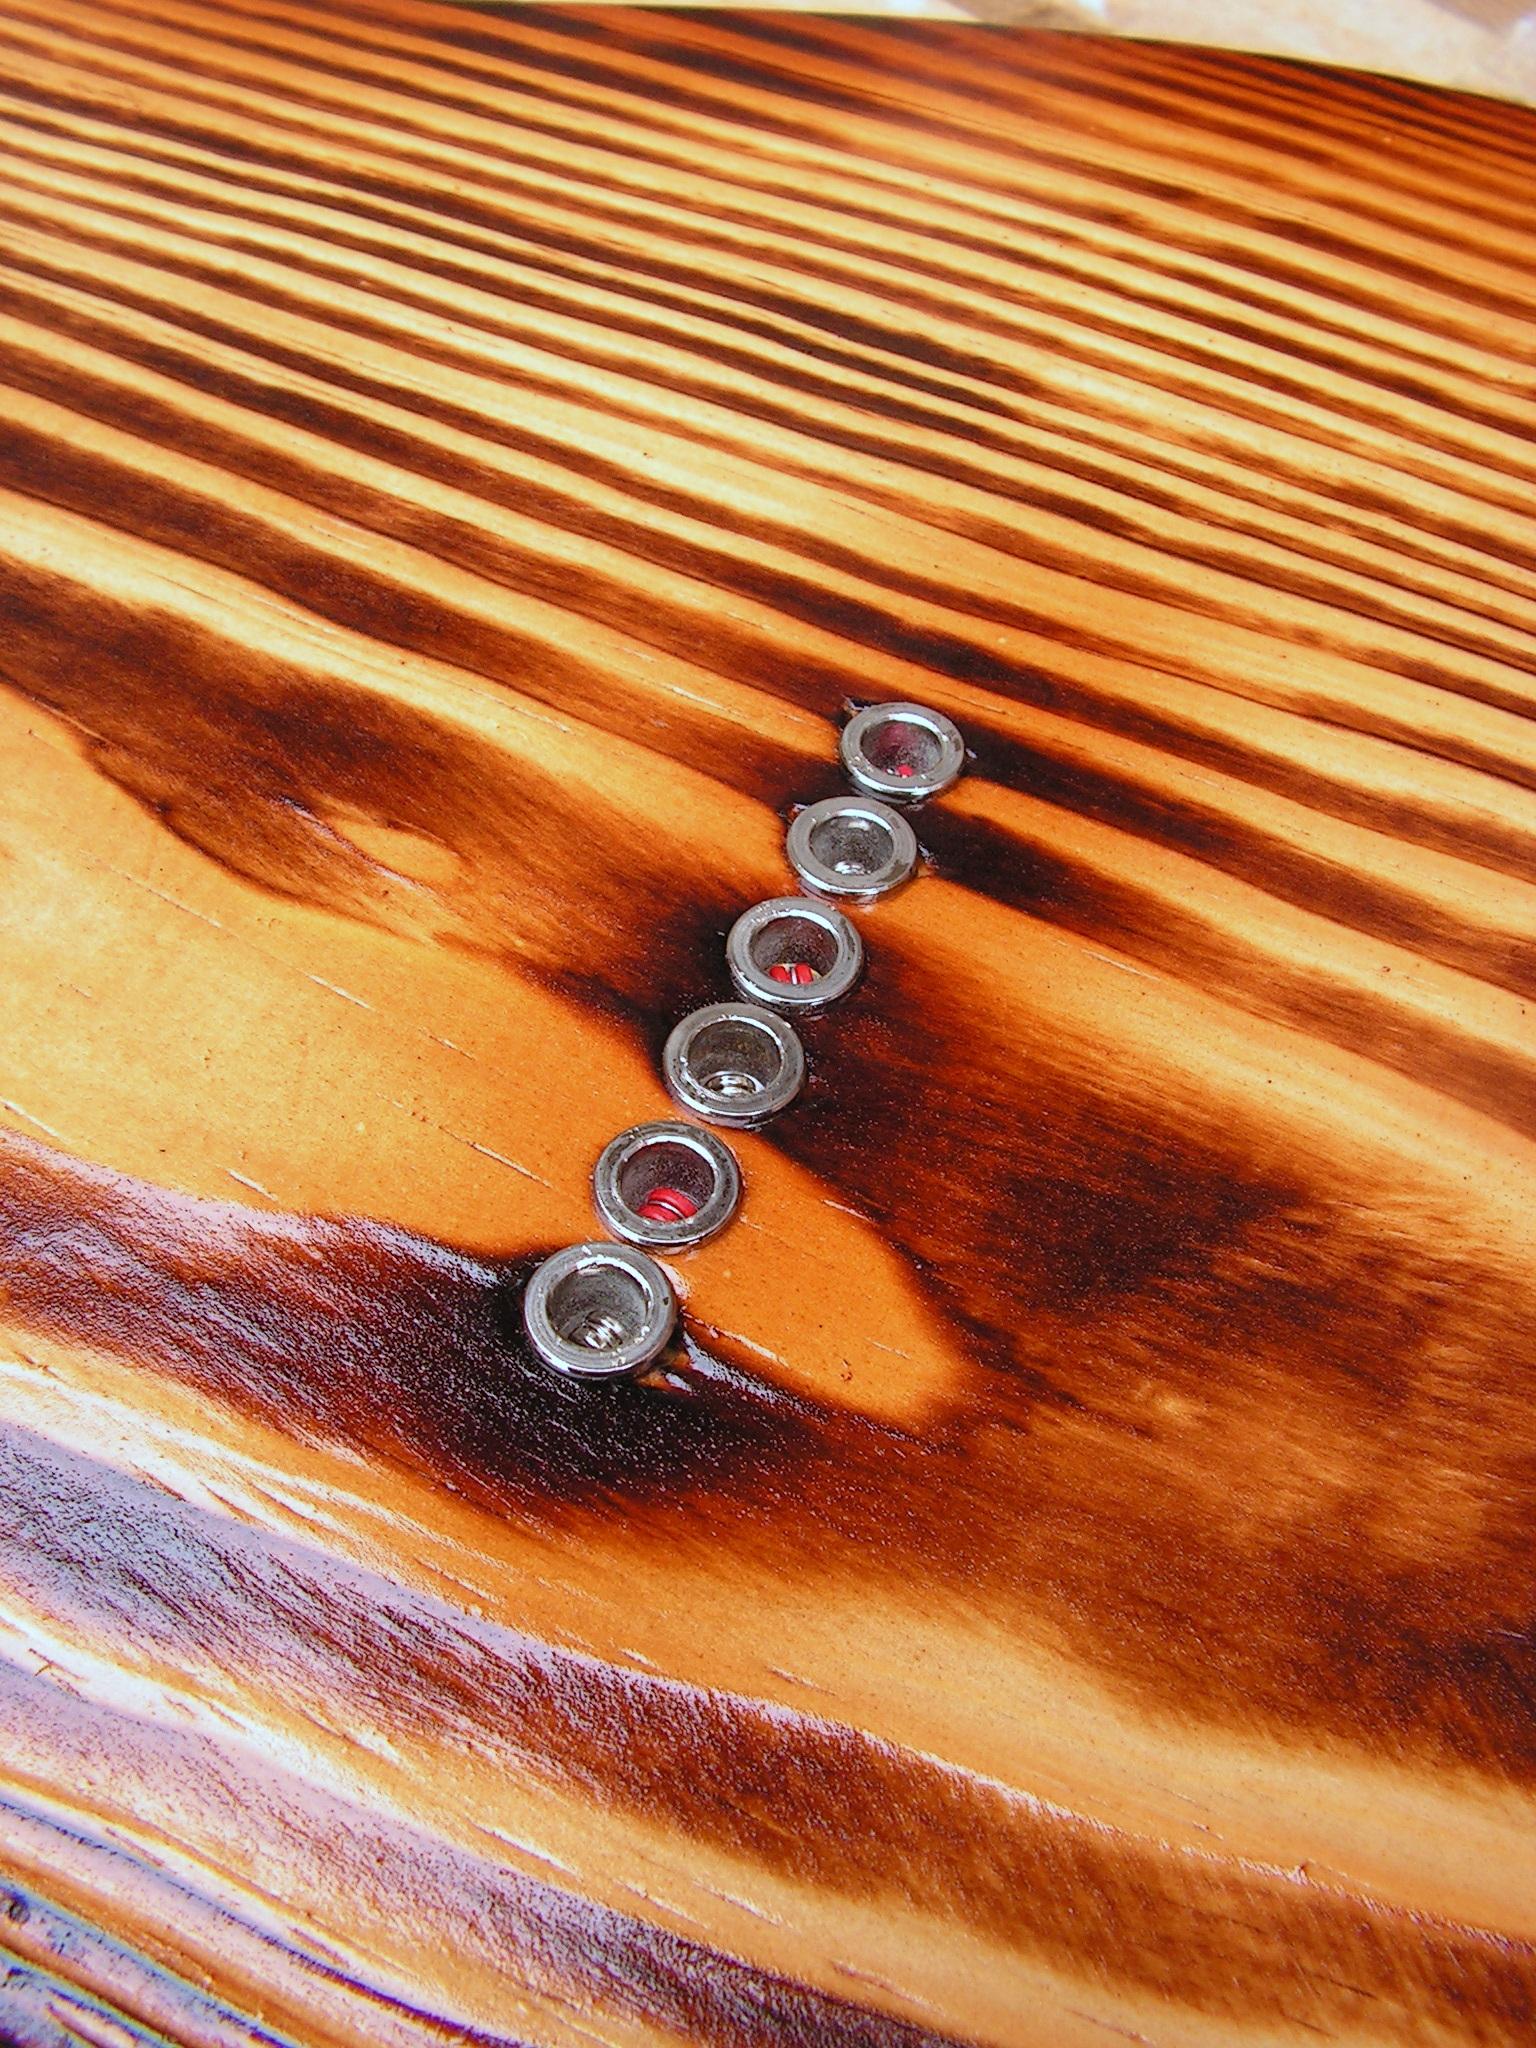 Retro di una chitarra Telecaster in yellow pine roasted